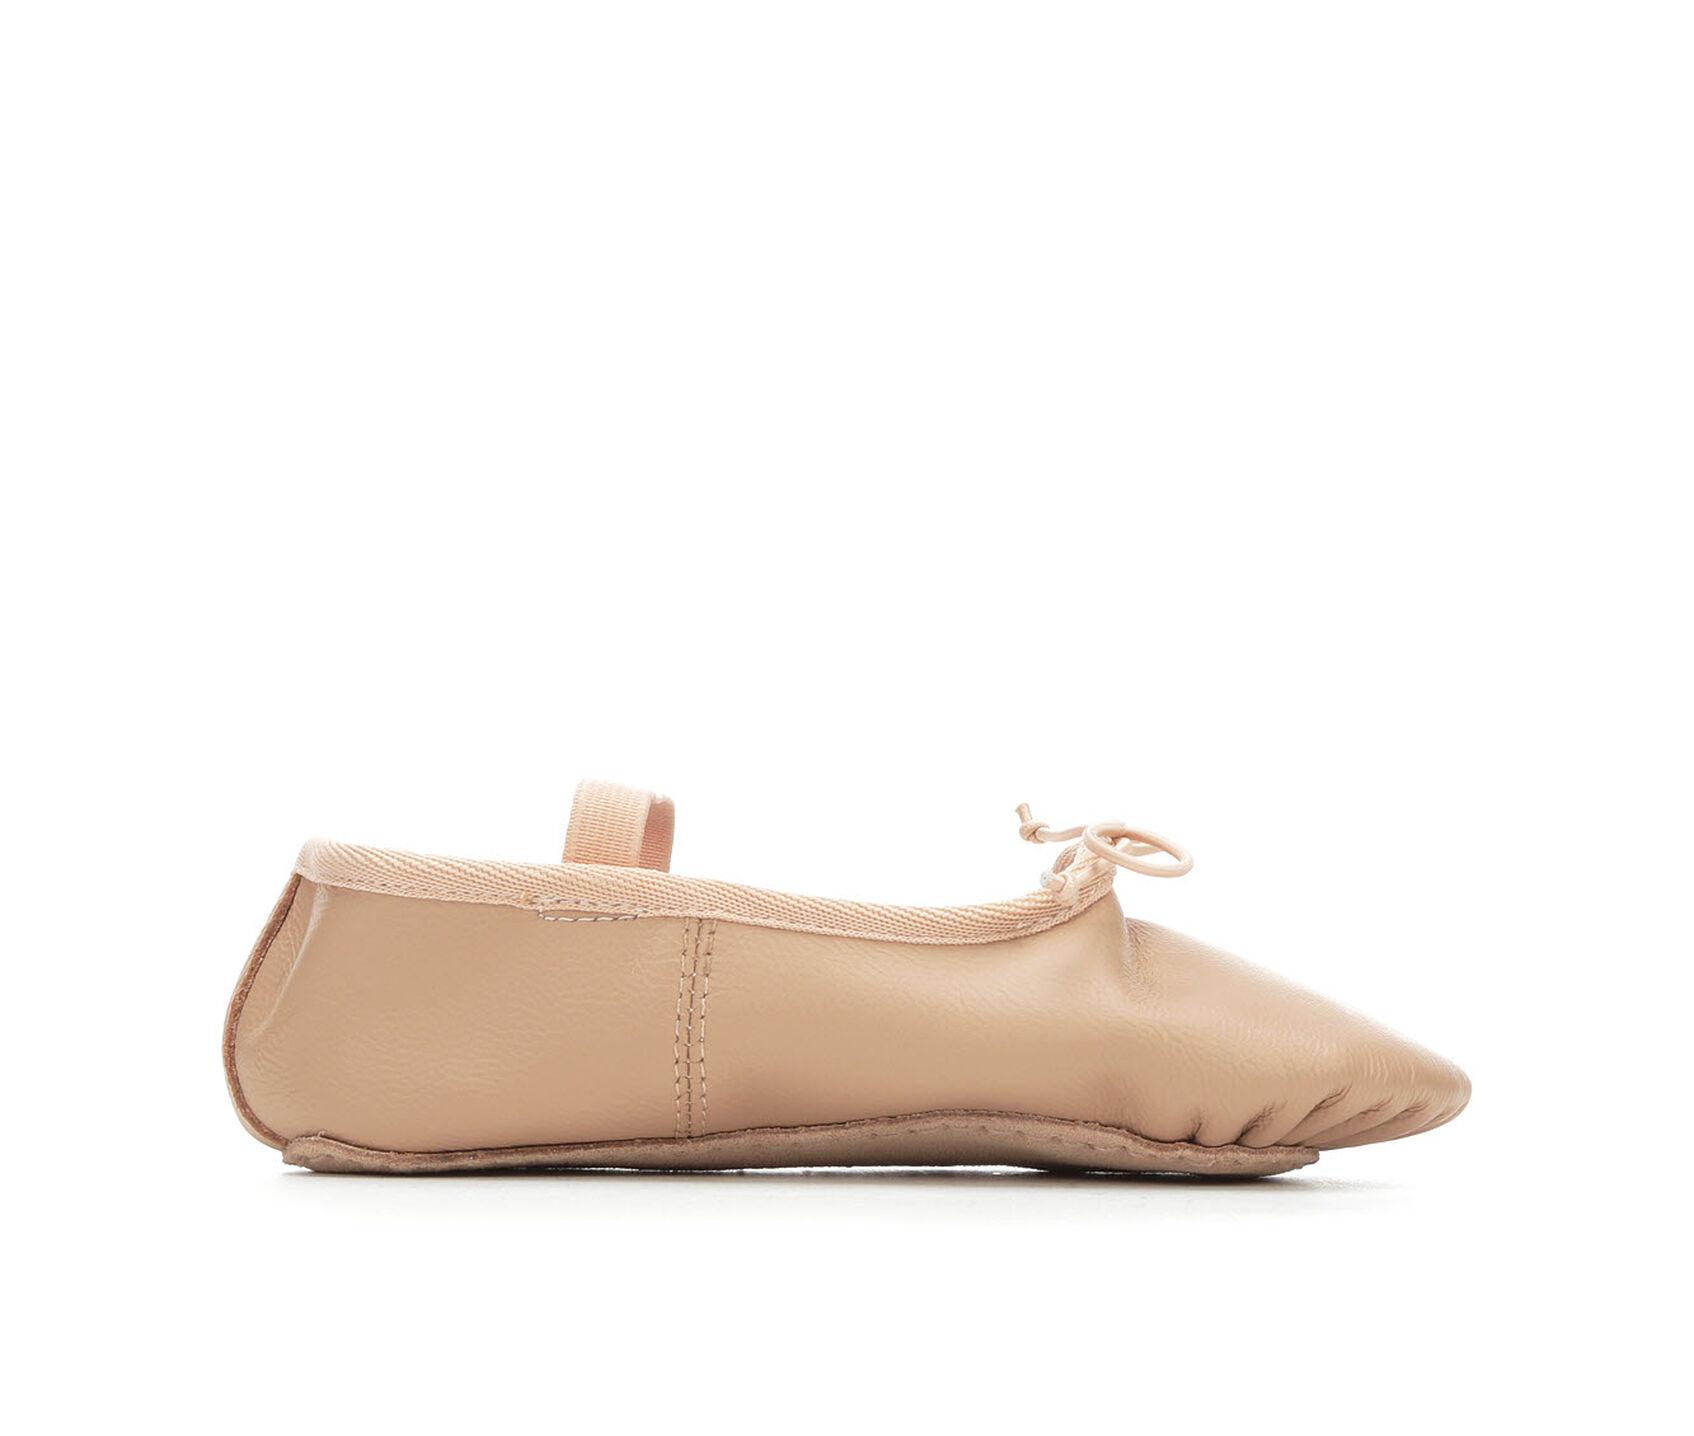 ac9e96804e7 Girls' Dance Class Little Kid & Big Kid Ballet Dance Shoes